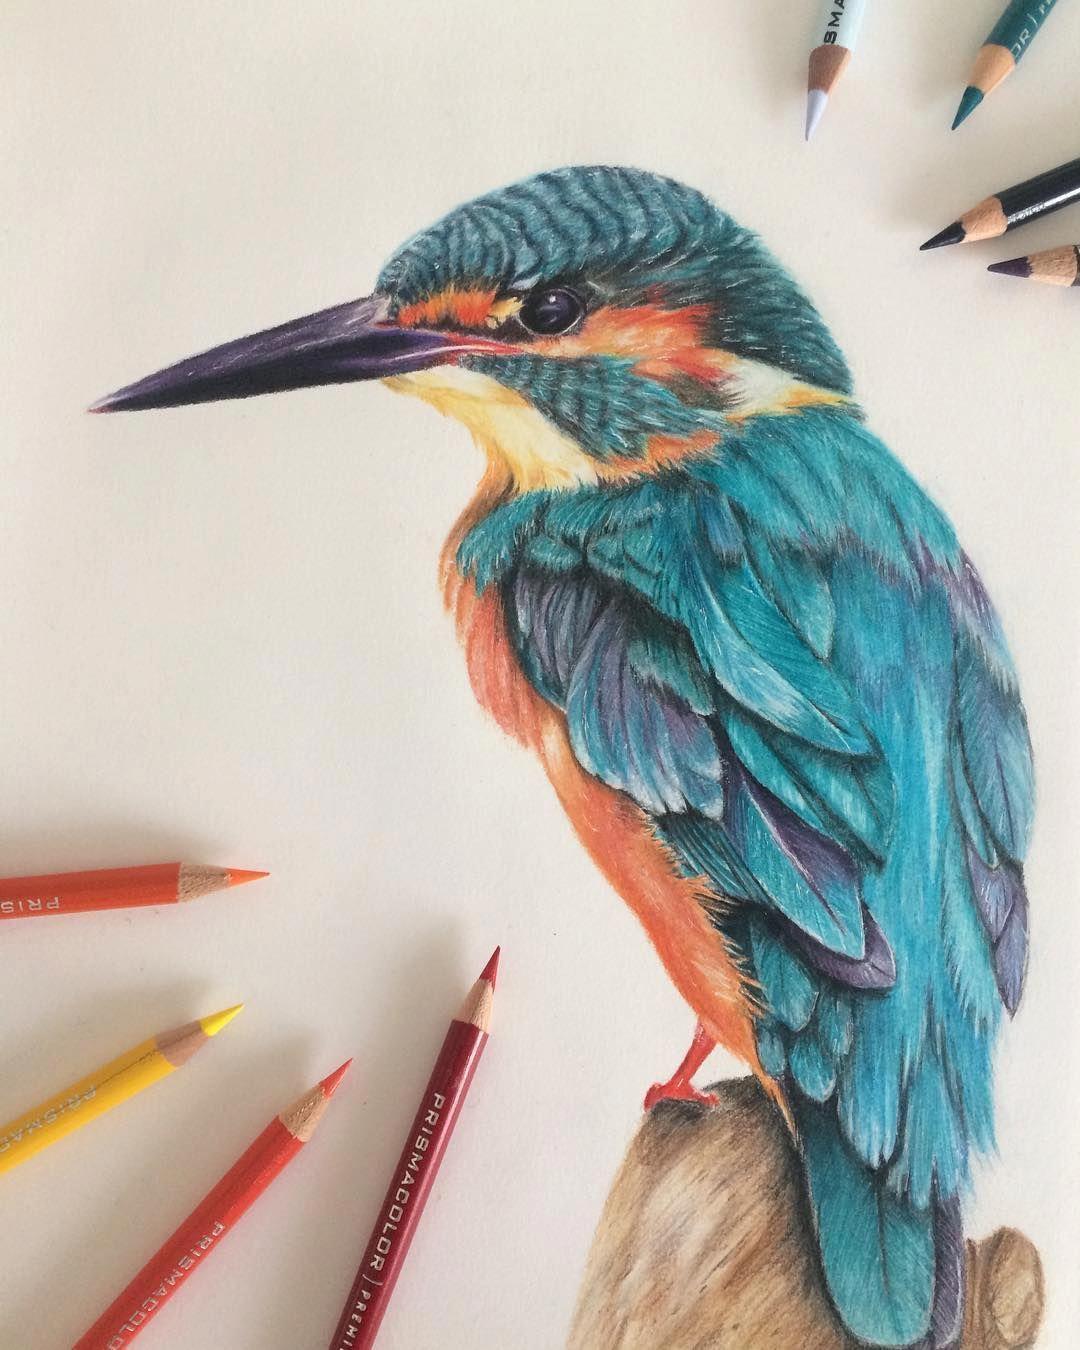 Benjamim Fidalgo Ben Fine Art On Instagram Al Parecer El Mundo Es Hoy En Dia En 2020 Arte De Aves Lapices De Colores Dibujos Arte De Lapices De Color